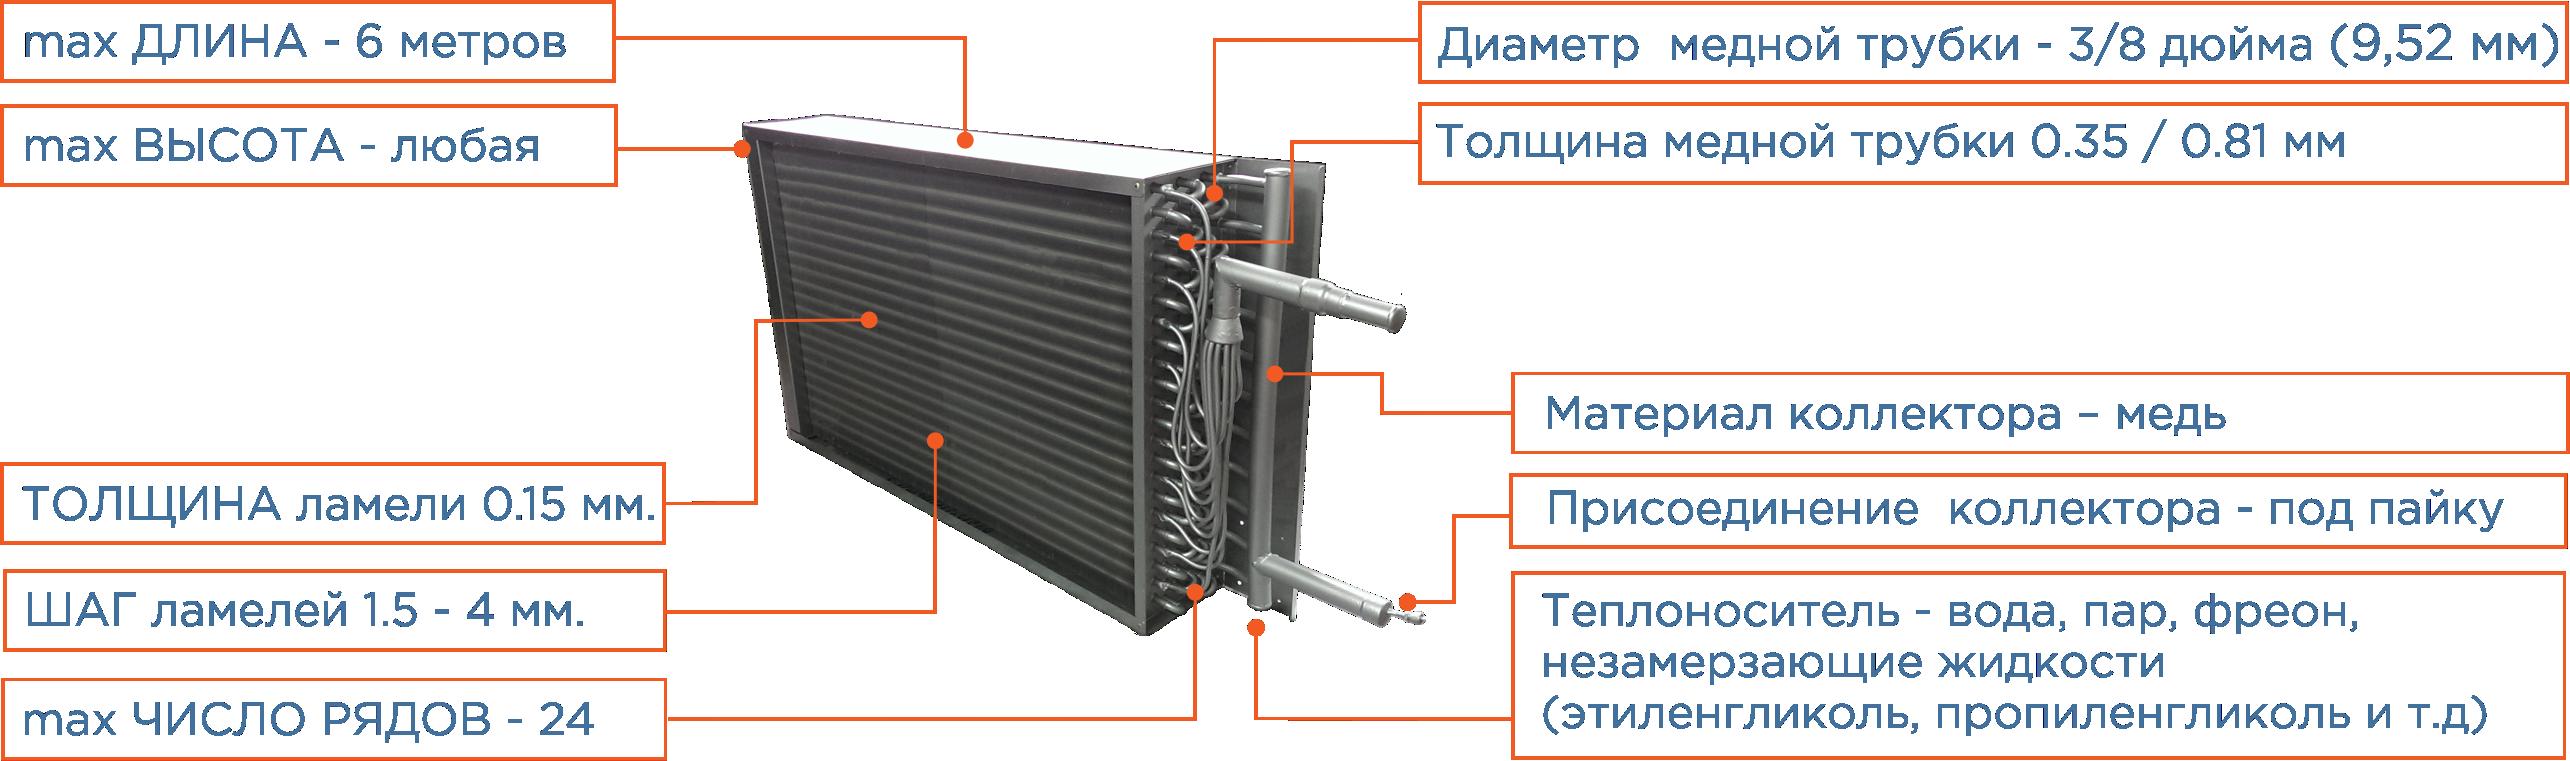 Расчет фреоновый теплообменник Уплотнения теплообменника Машимпэкс (GEA) NT 100T Пушкино